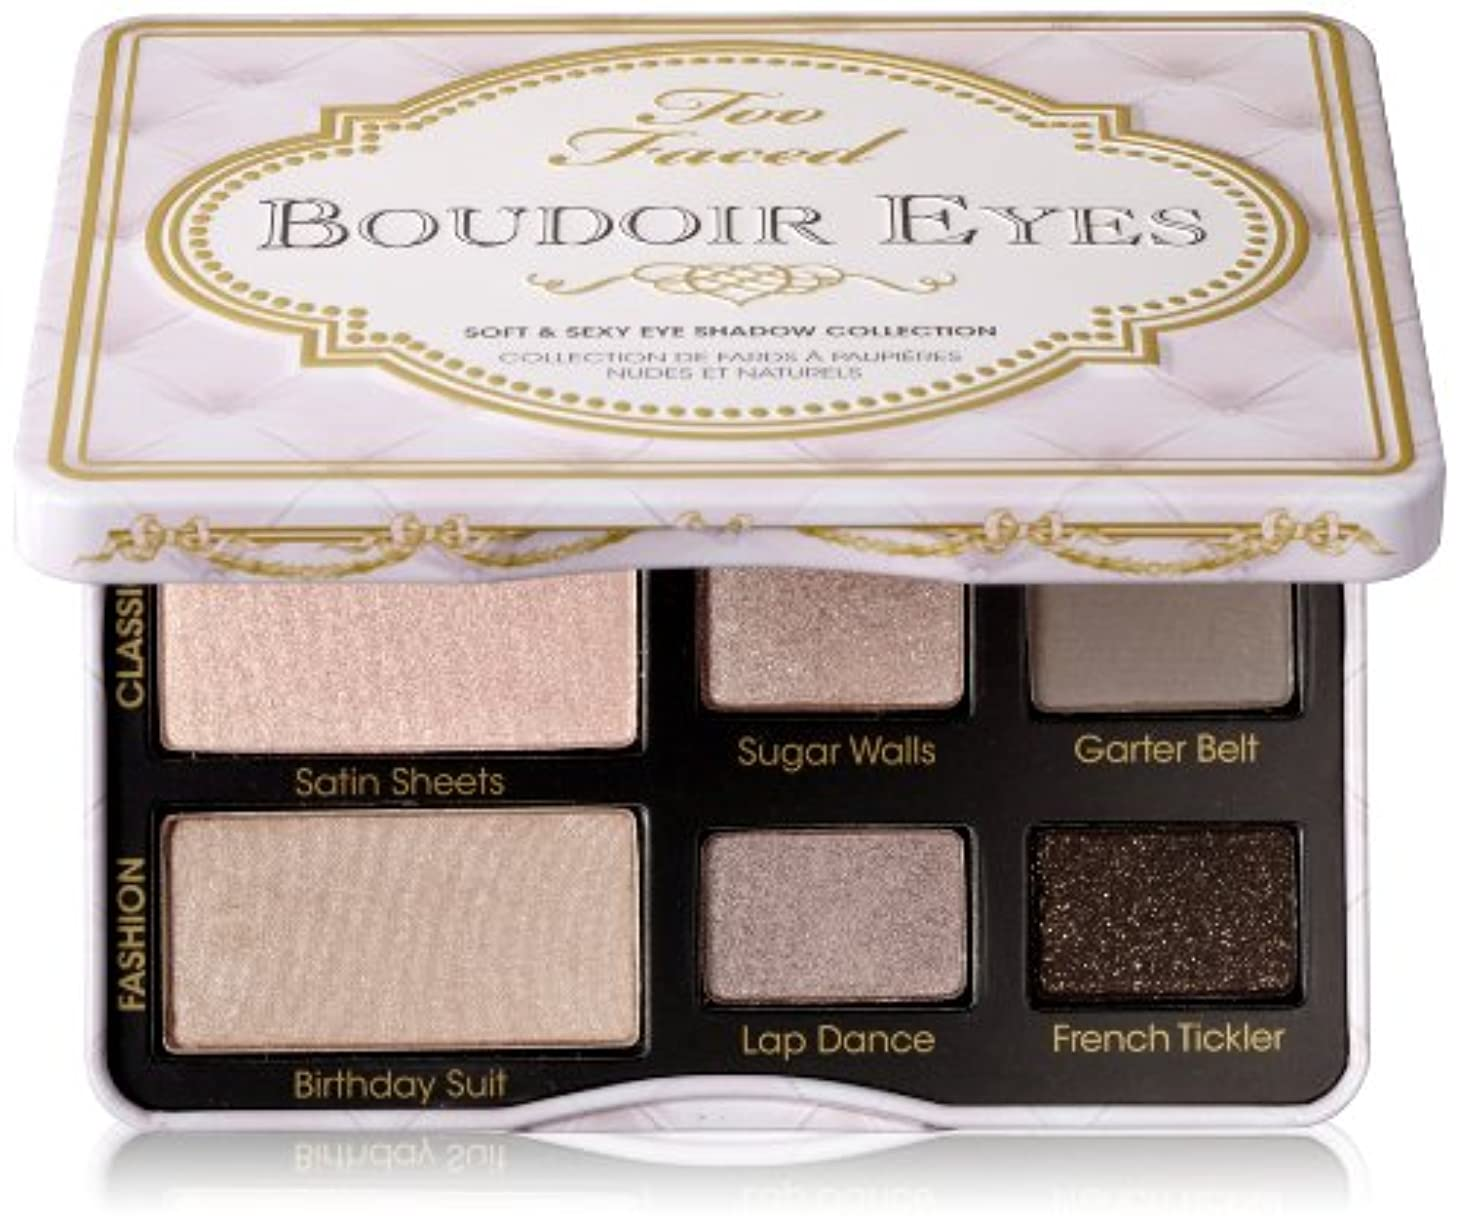 最終後継サッカーToo Faced Boudoir Eyes Soft & Sexy Eye Shadow Collection (並行輸入品)